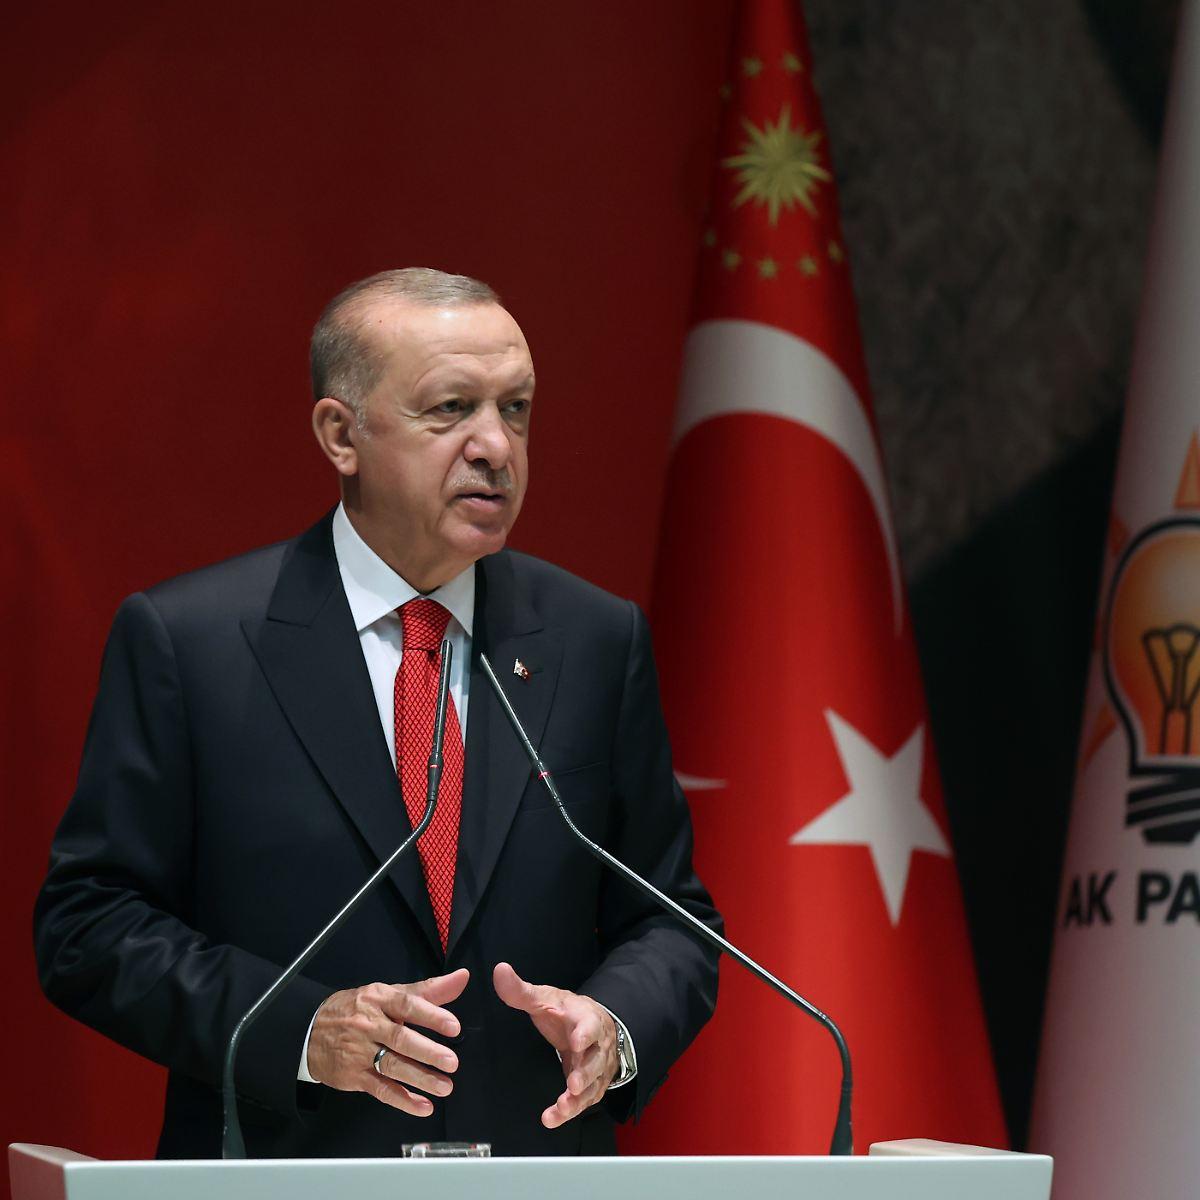 Trotz Sorgen von NATO-Partnern: Erdogan will Raketenabwehr aus Russland  kaufen - n-tv.de